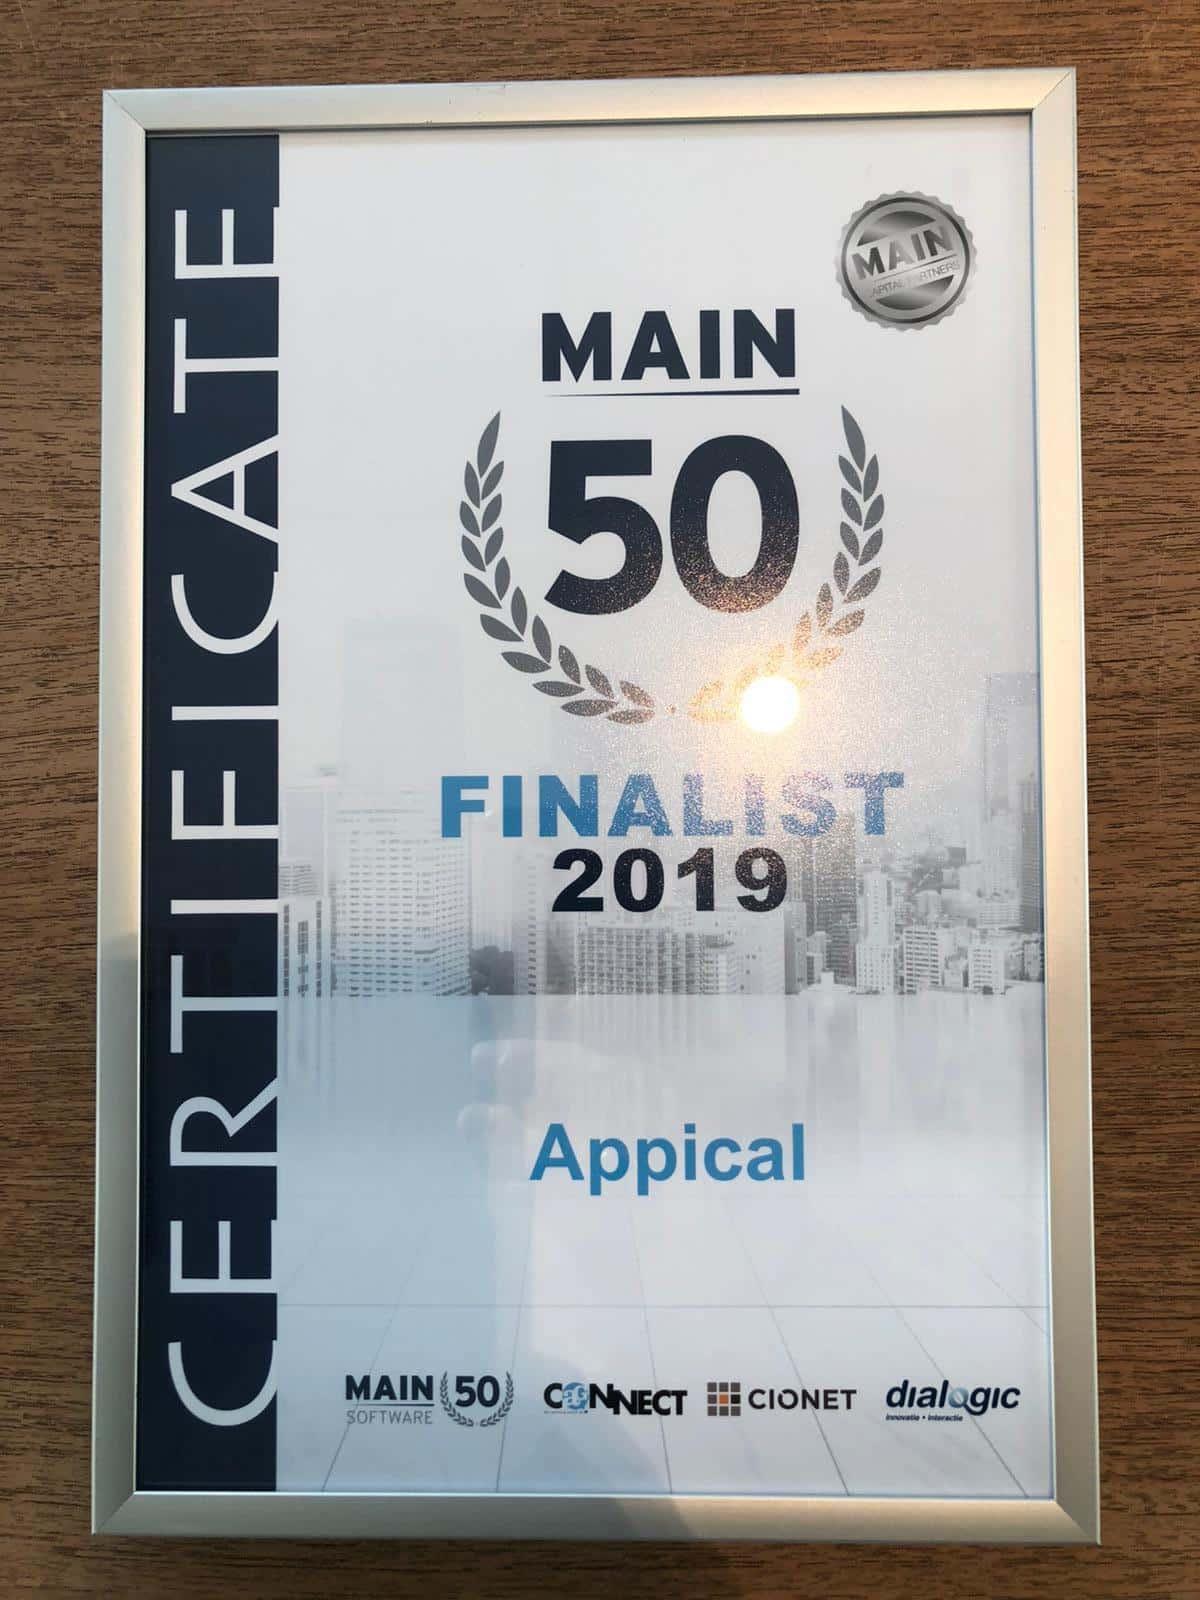 Ook Appical was dit jaar een finalist!